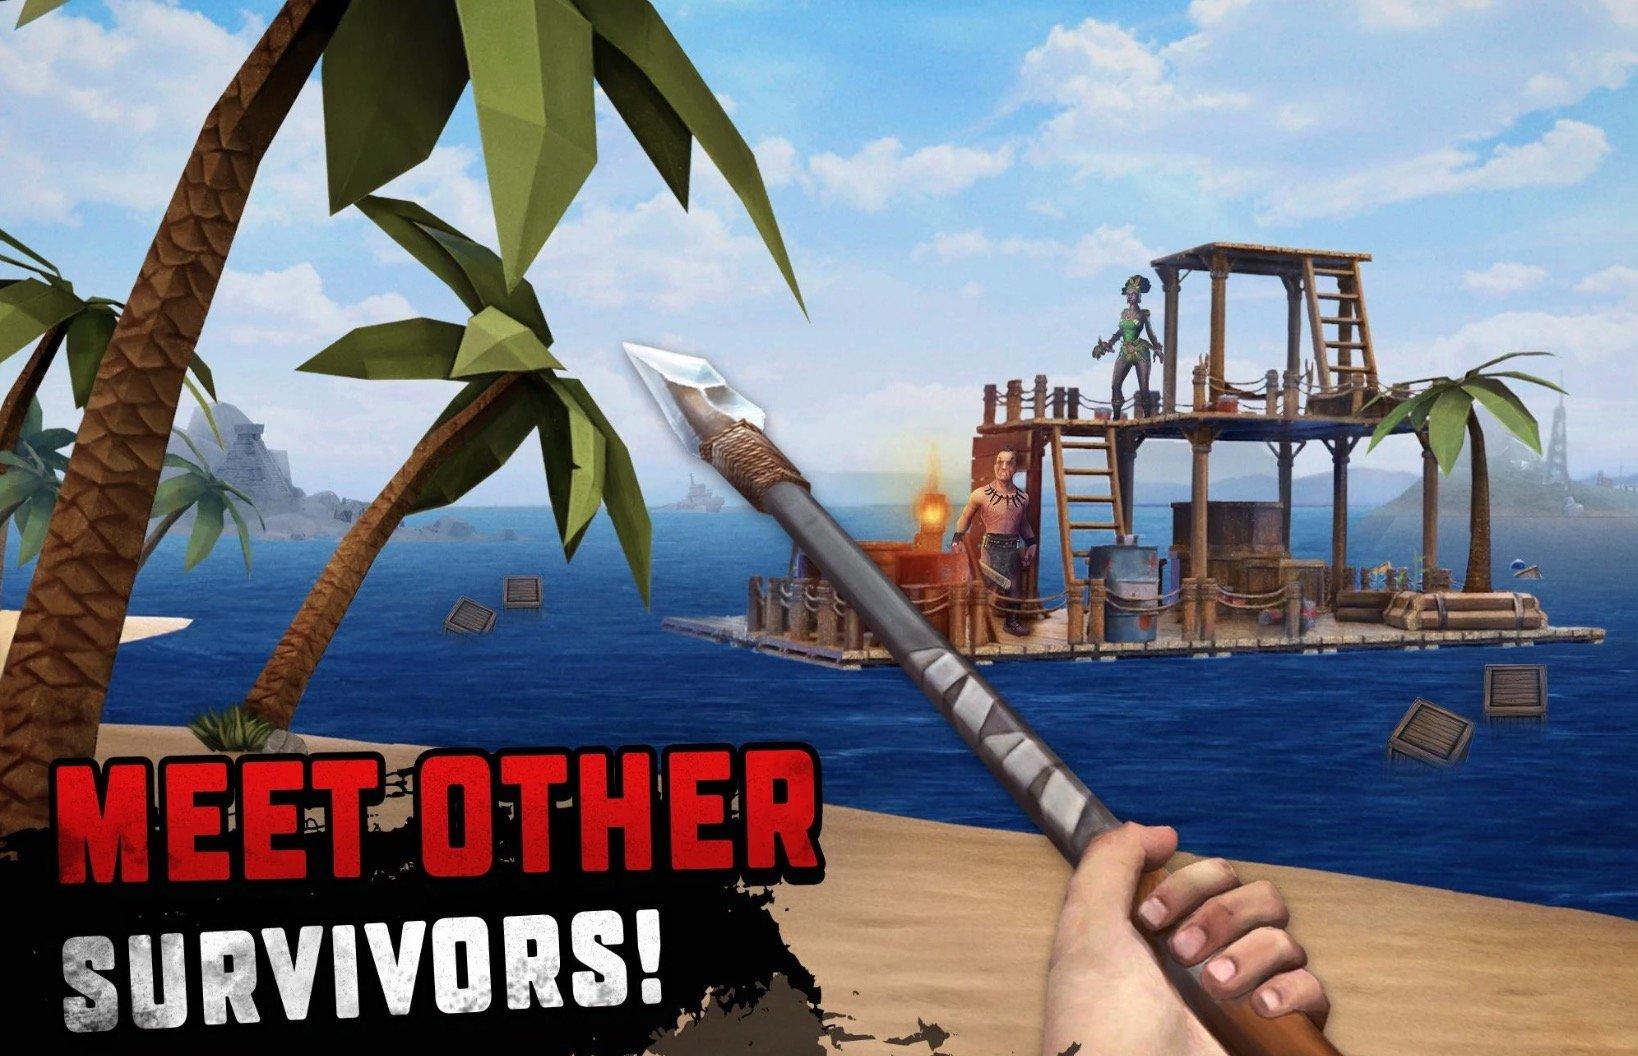 Survival on Raft app